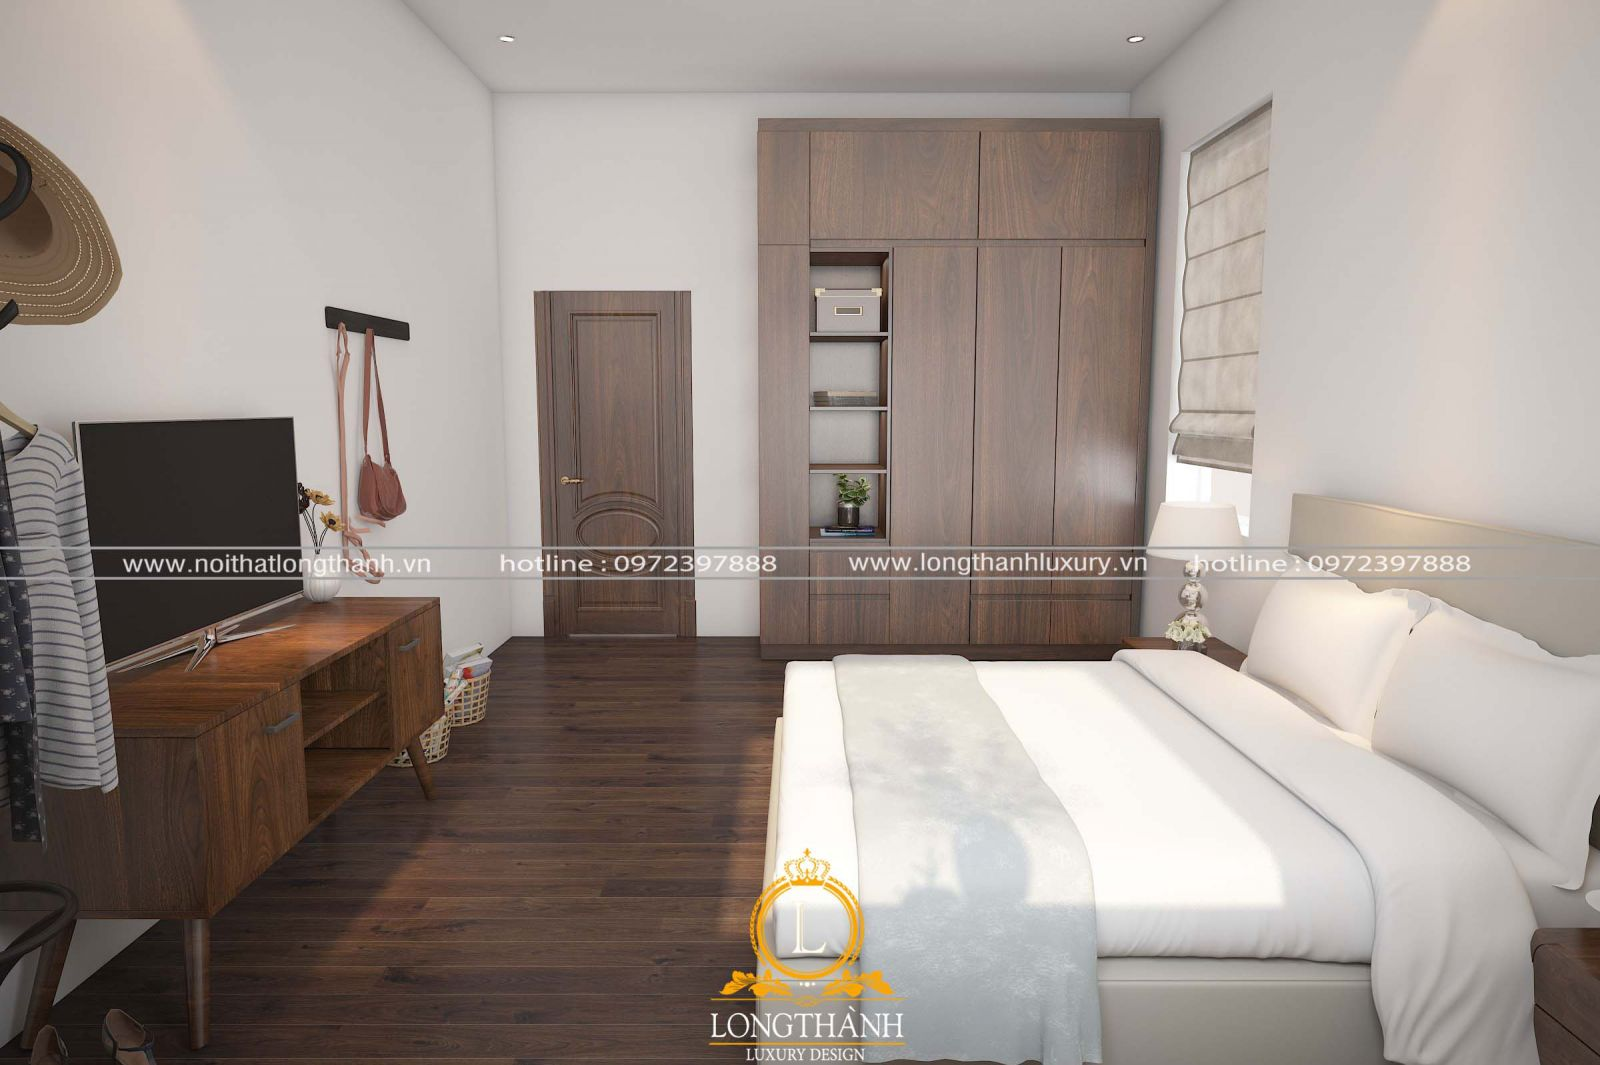 Một góc nhìn của căn phòng ngủ hiện đại